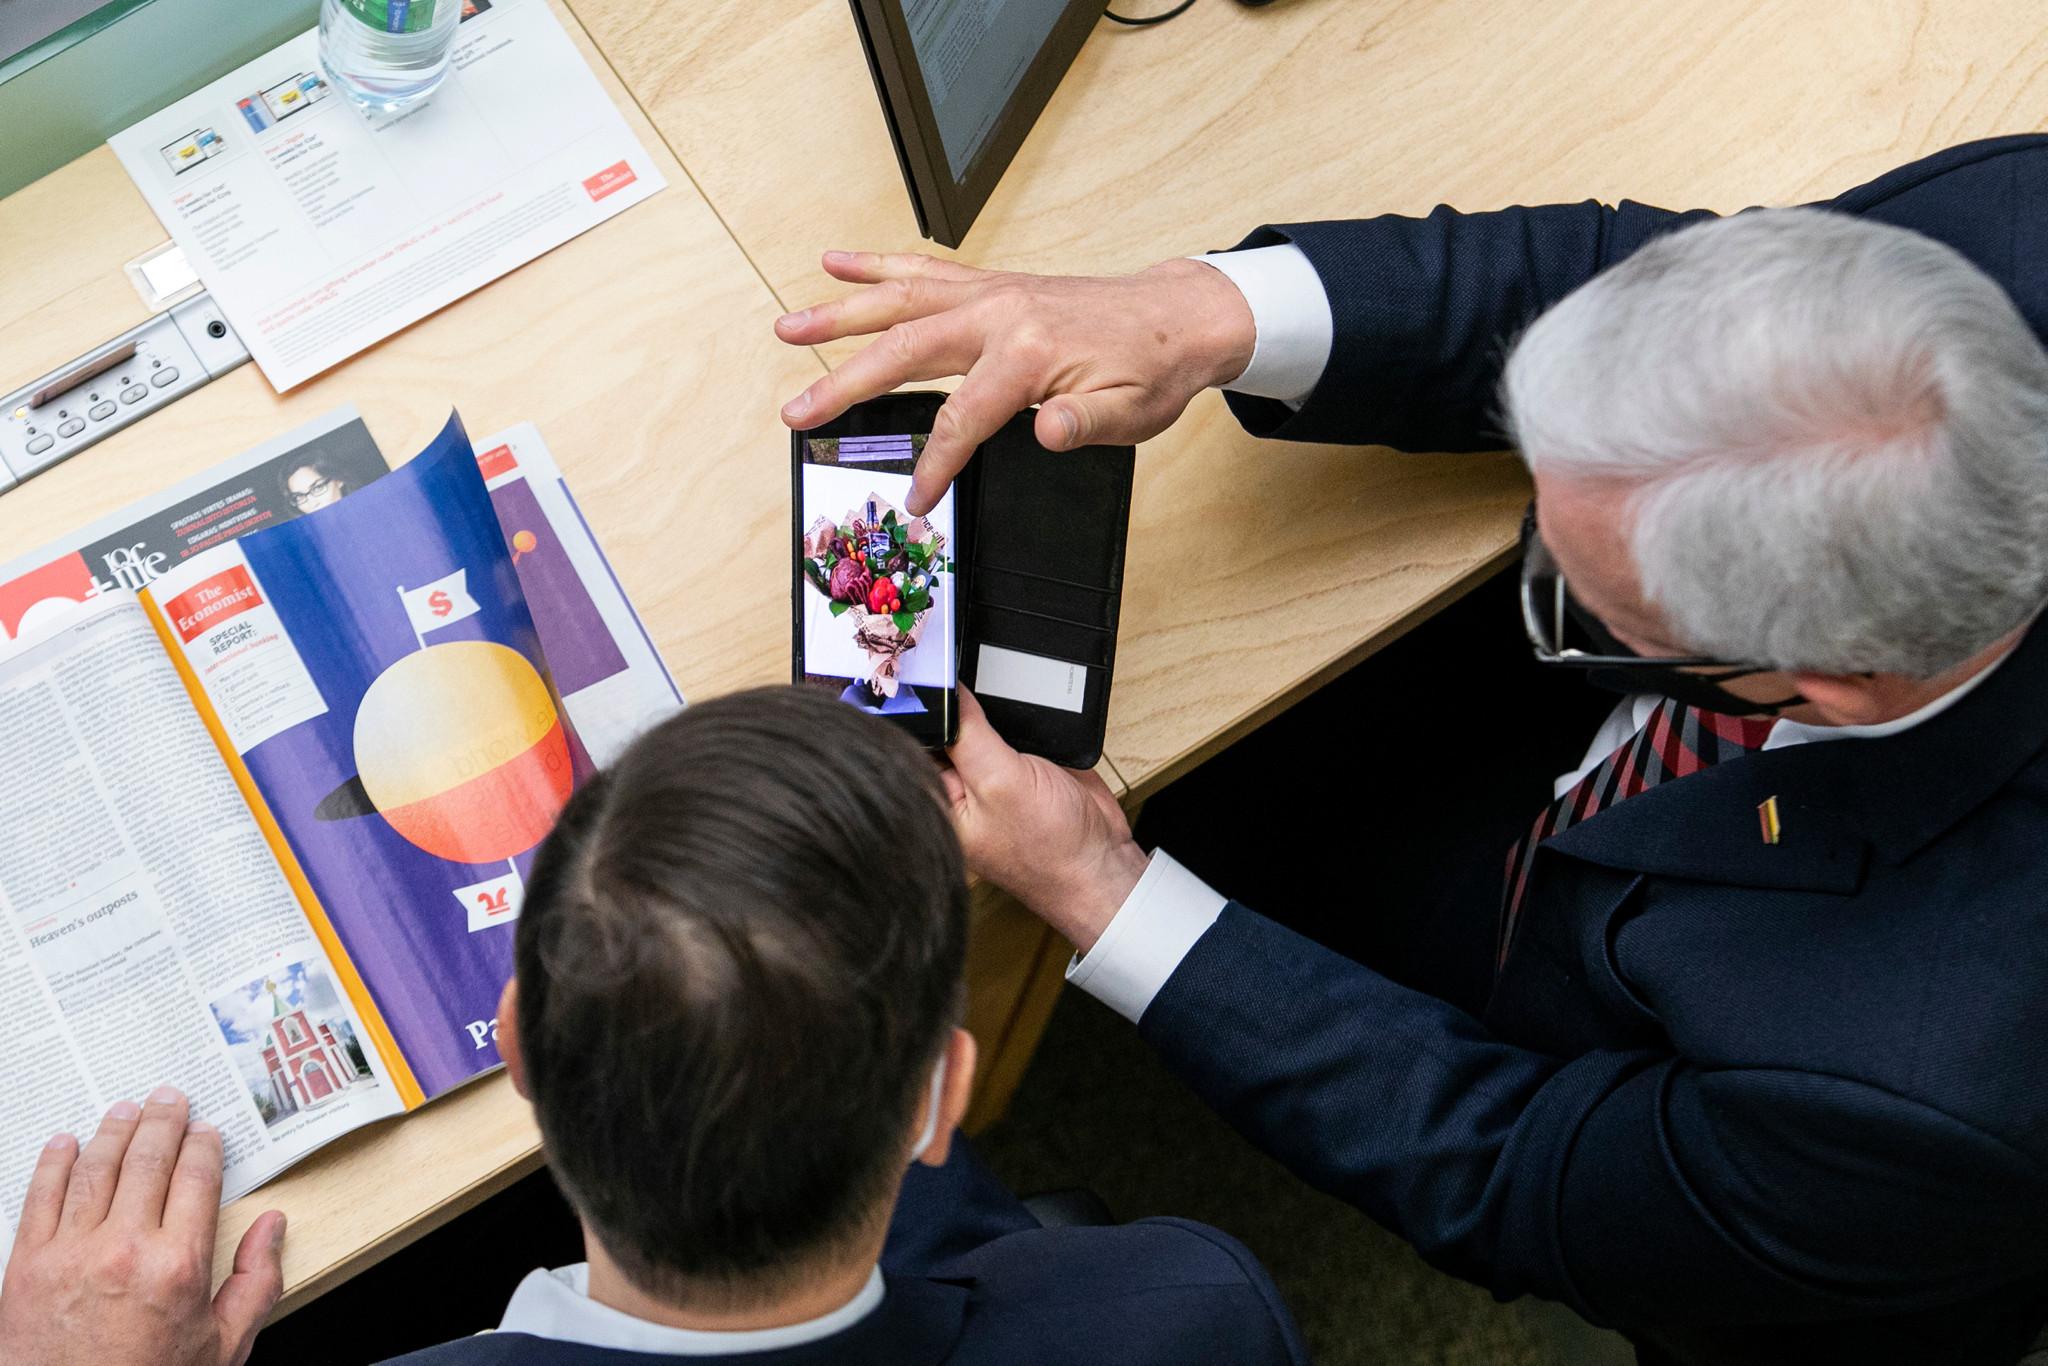 Seimo nariai žiūri į išmanųjį telefoną